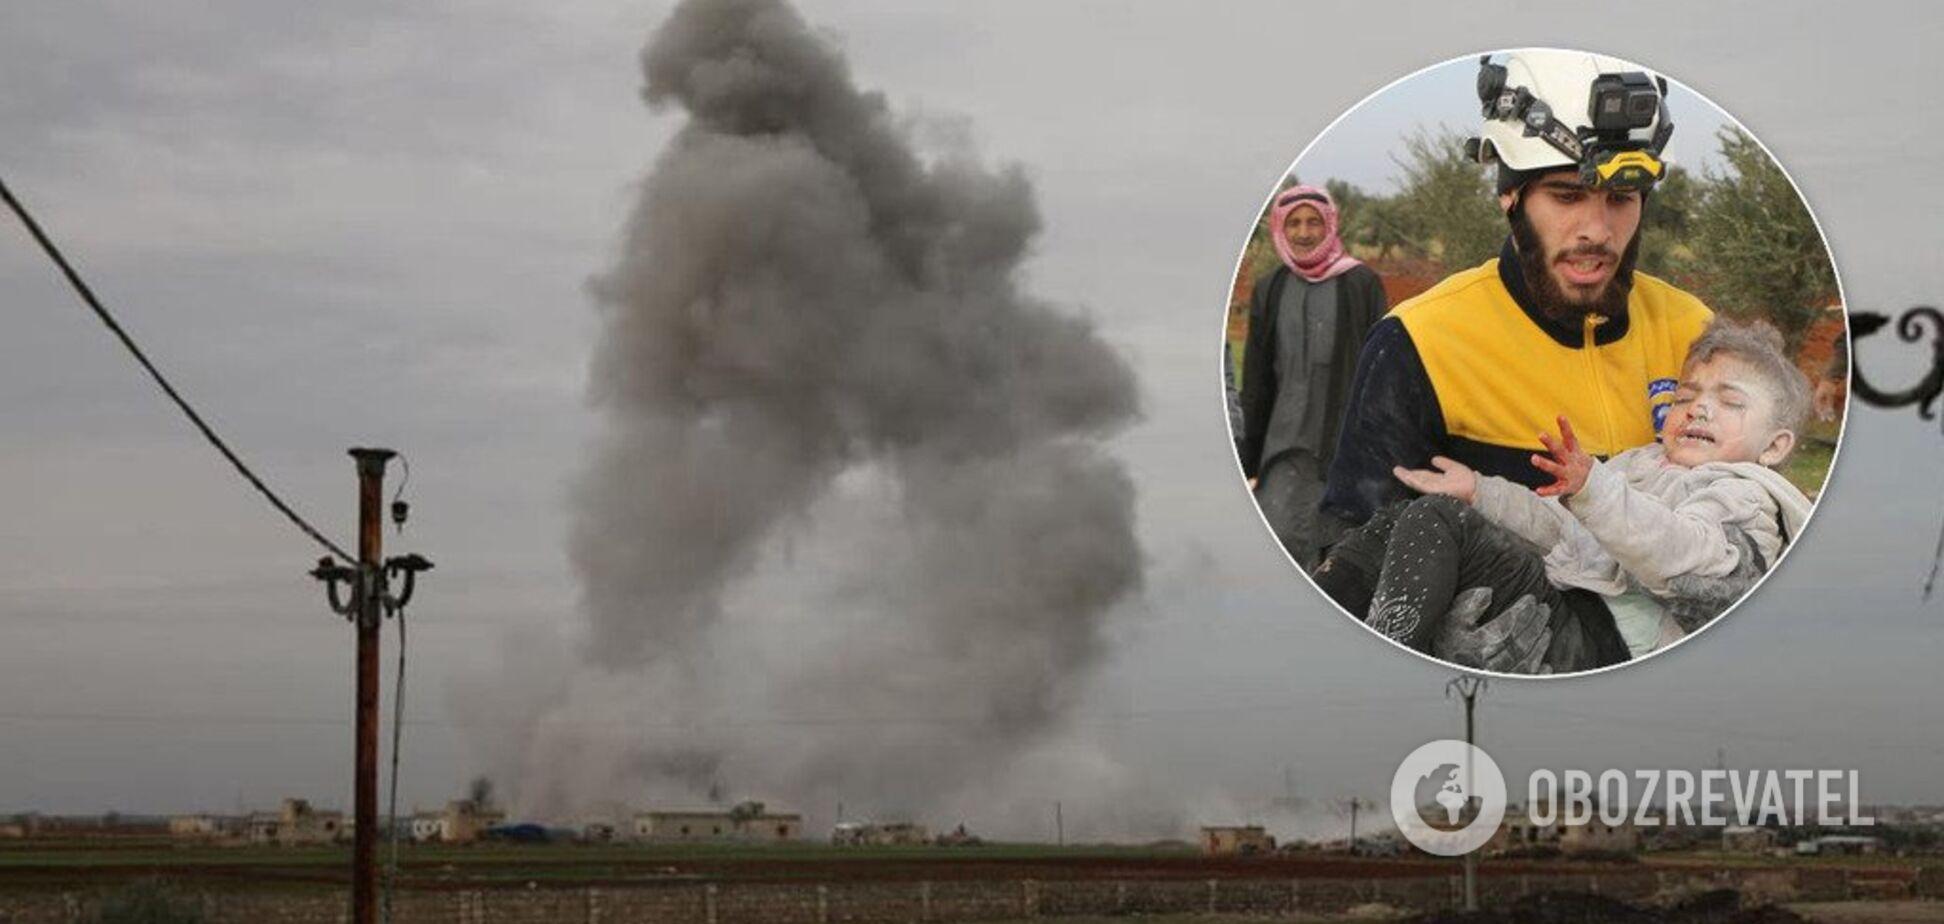 По мирних містах Сирії завдали ракетних ударів сили Асада й Путіна: загинули діти. Фото й відео 18+